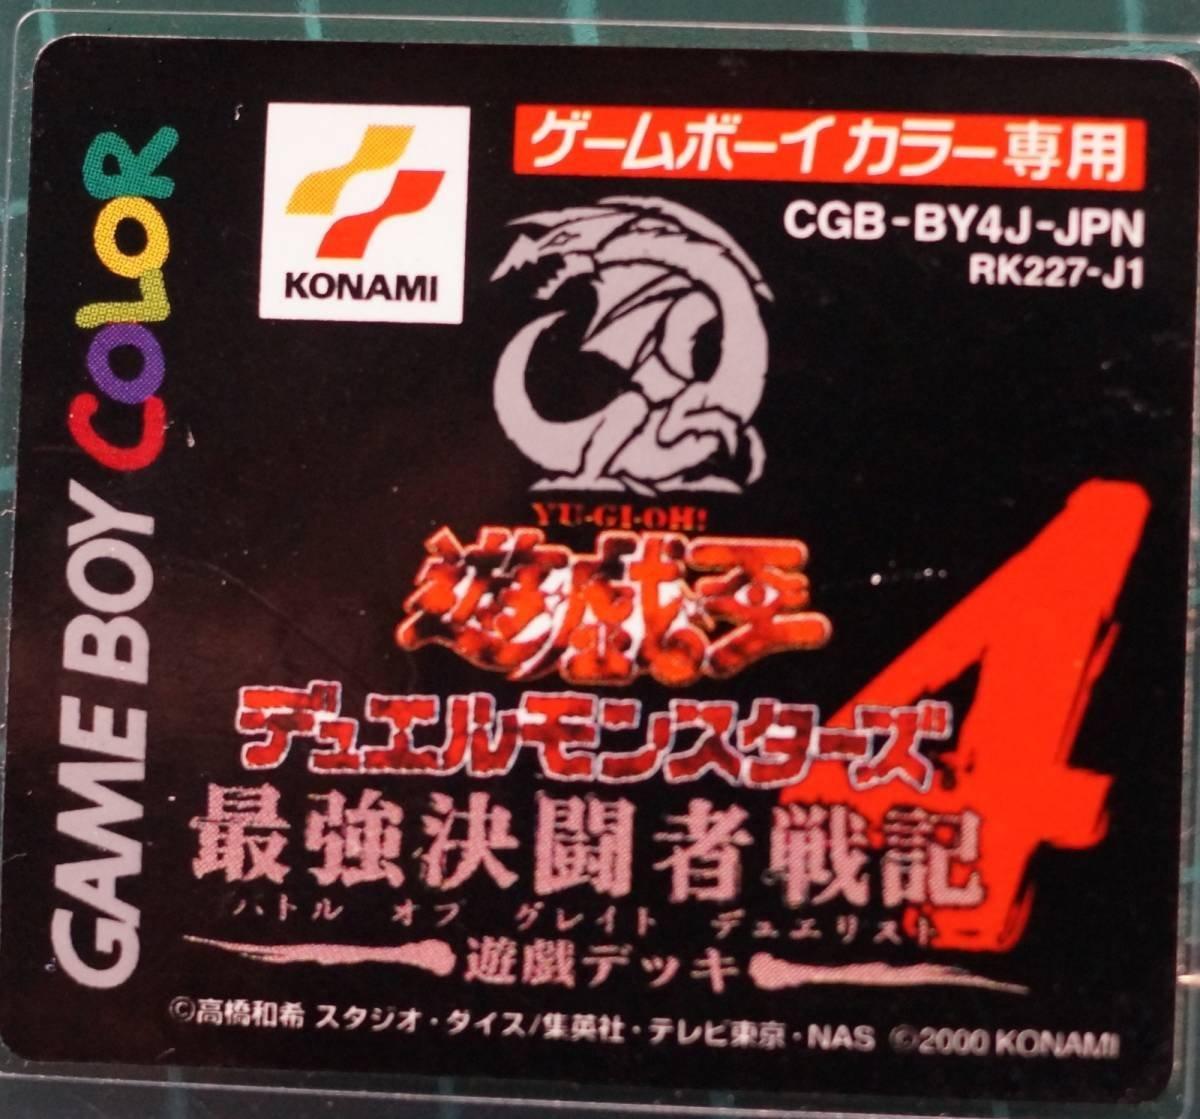 ゲームボーイカラーカートリッジ 遊☆戯☆王デュエルモンスターズ4 最強決闘者戦記 CGB-BY4J